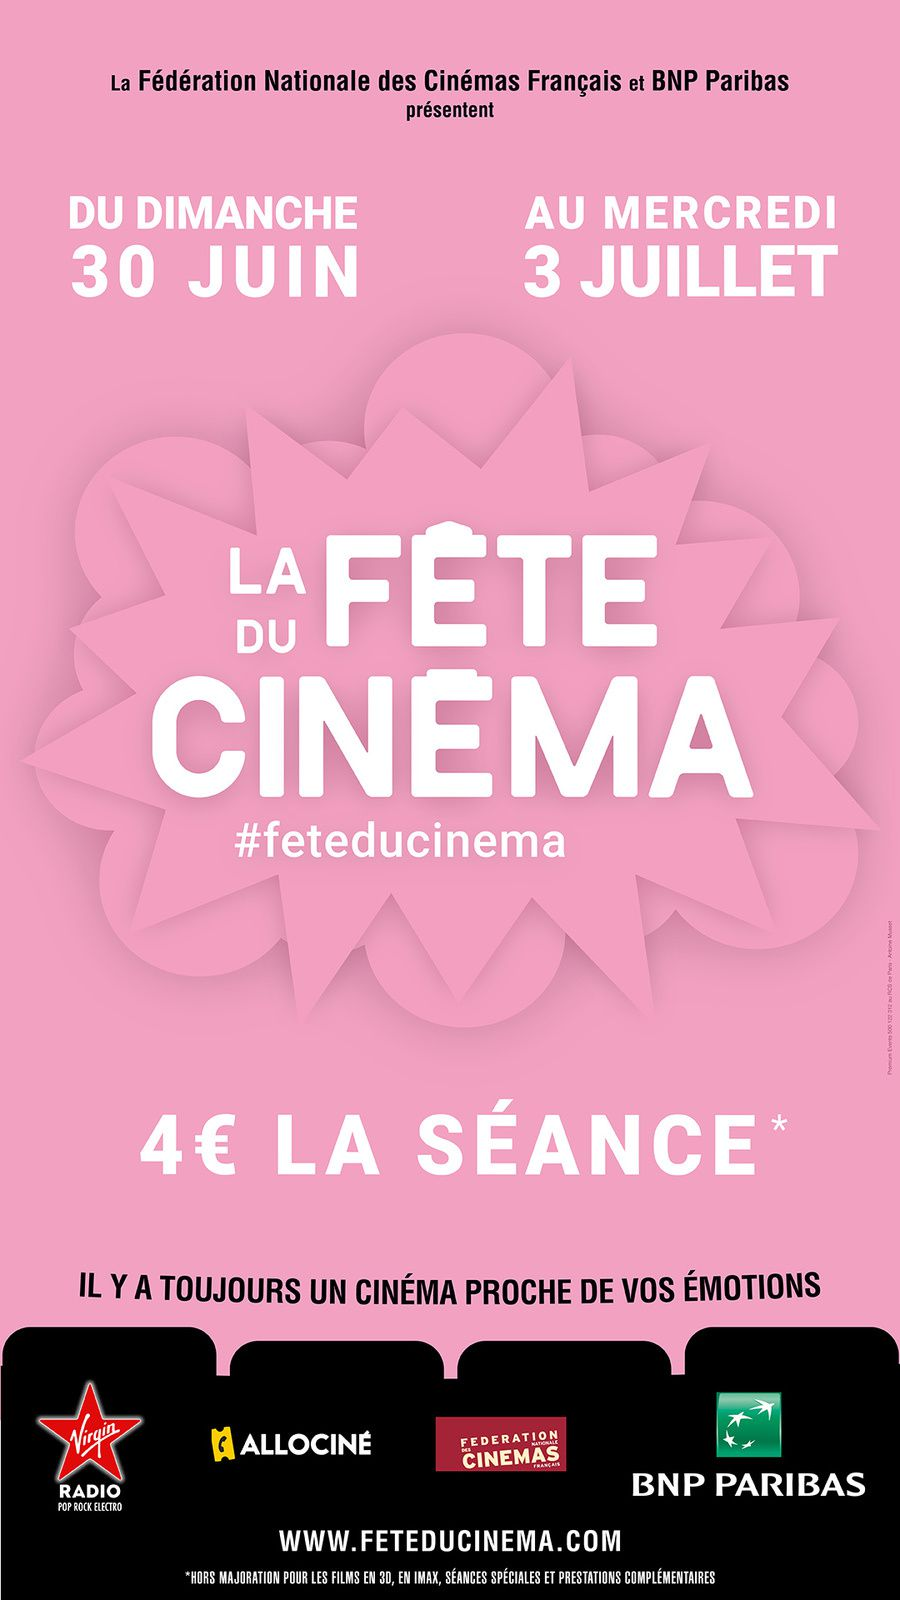 La Fête du Cinéma 2019 du dimanche 30 juin au mercredi 3 juillet 2019 inclus. 4 Euros la séance.